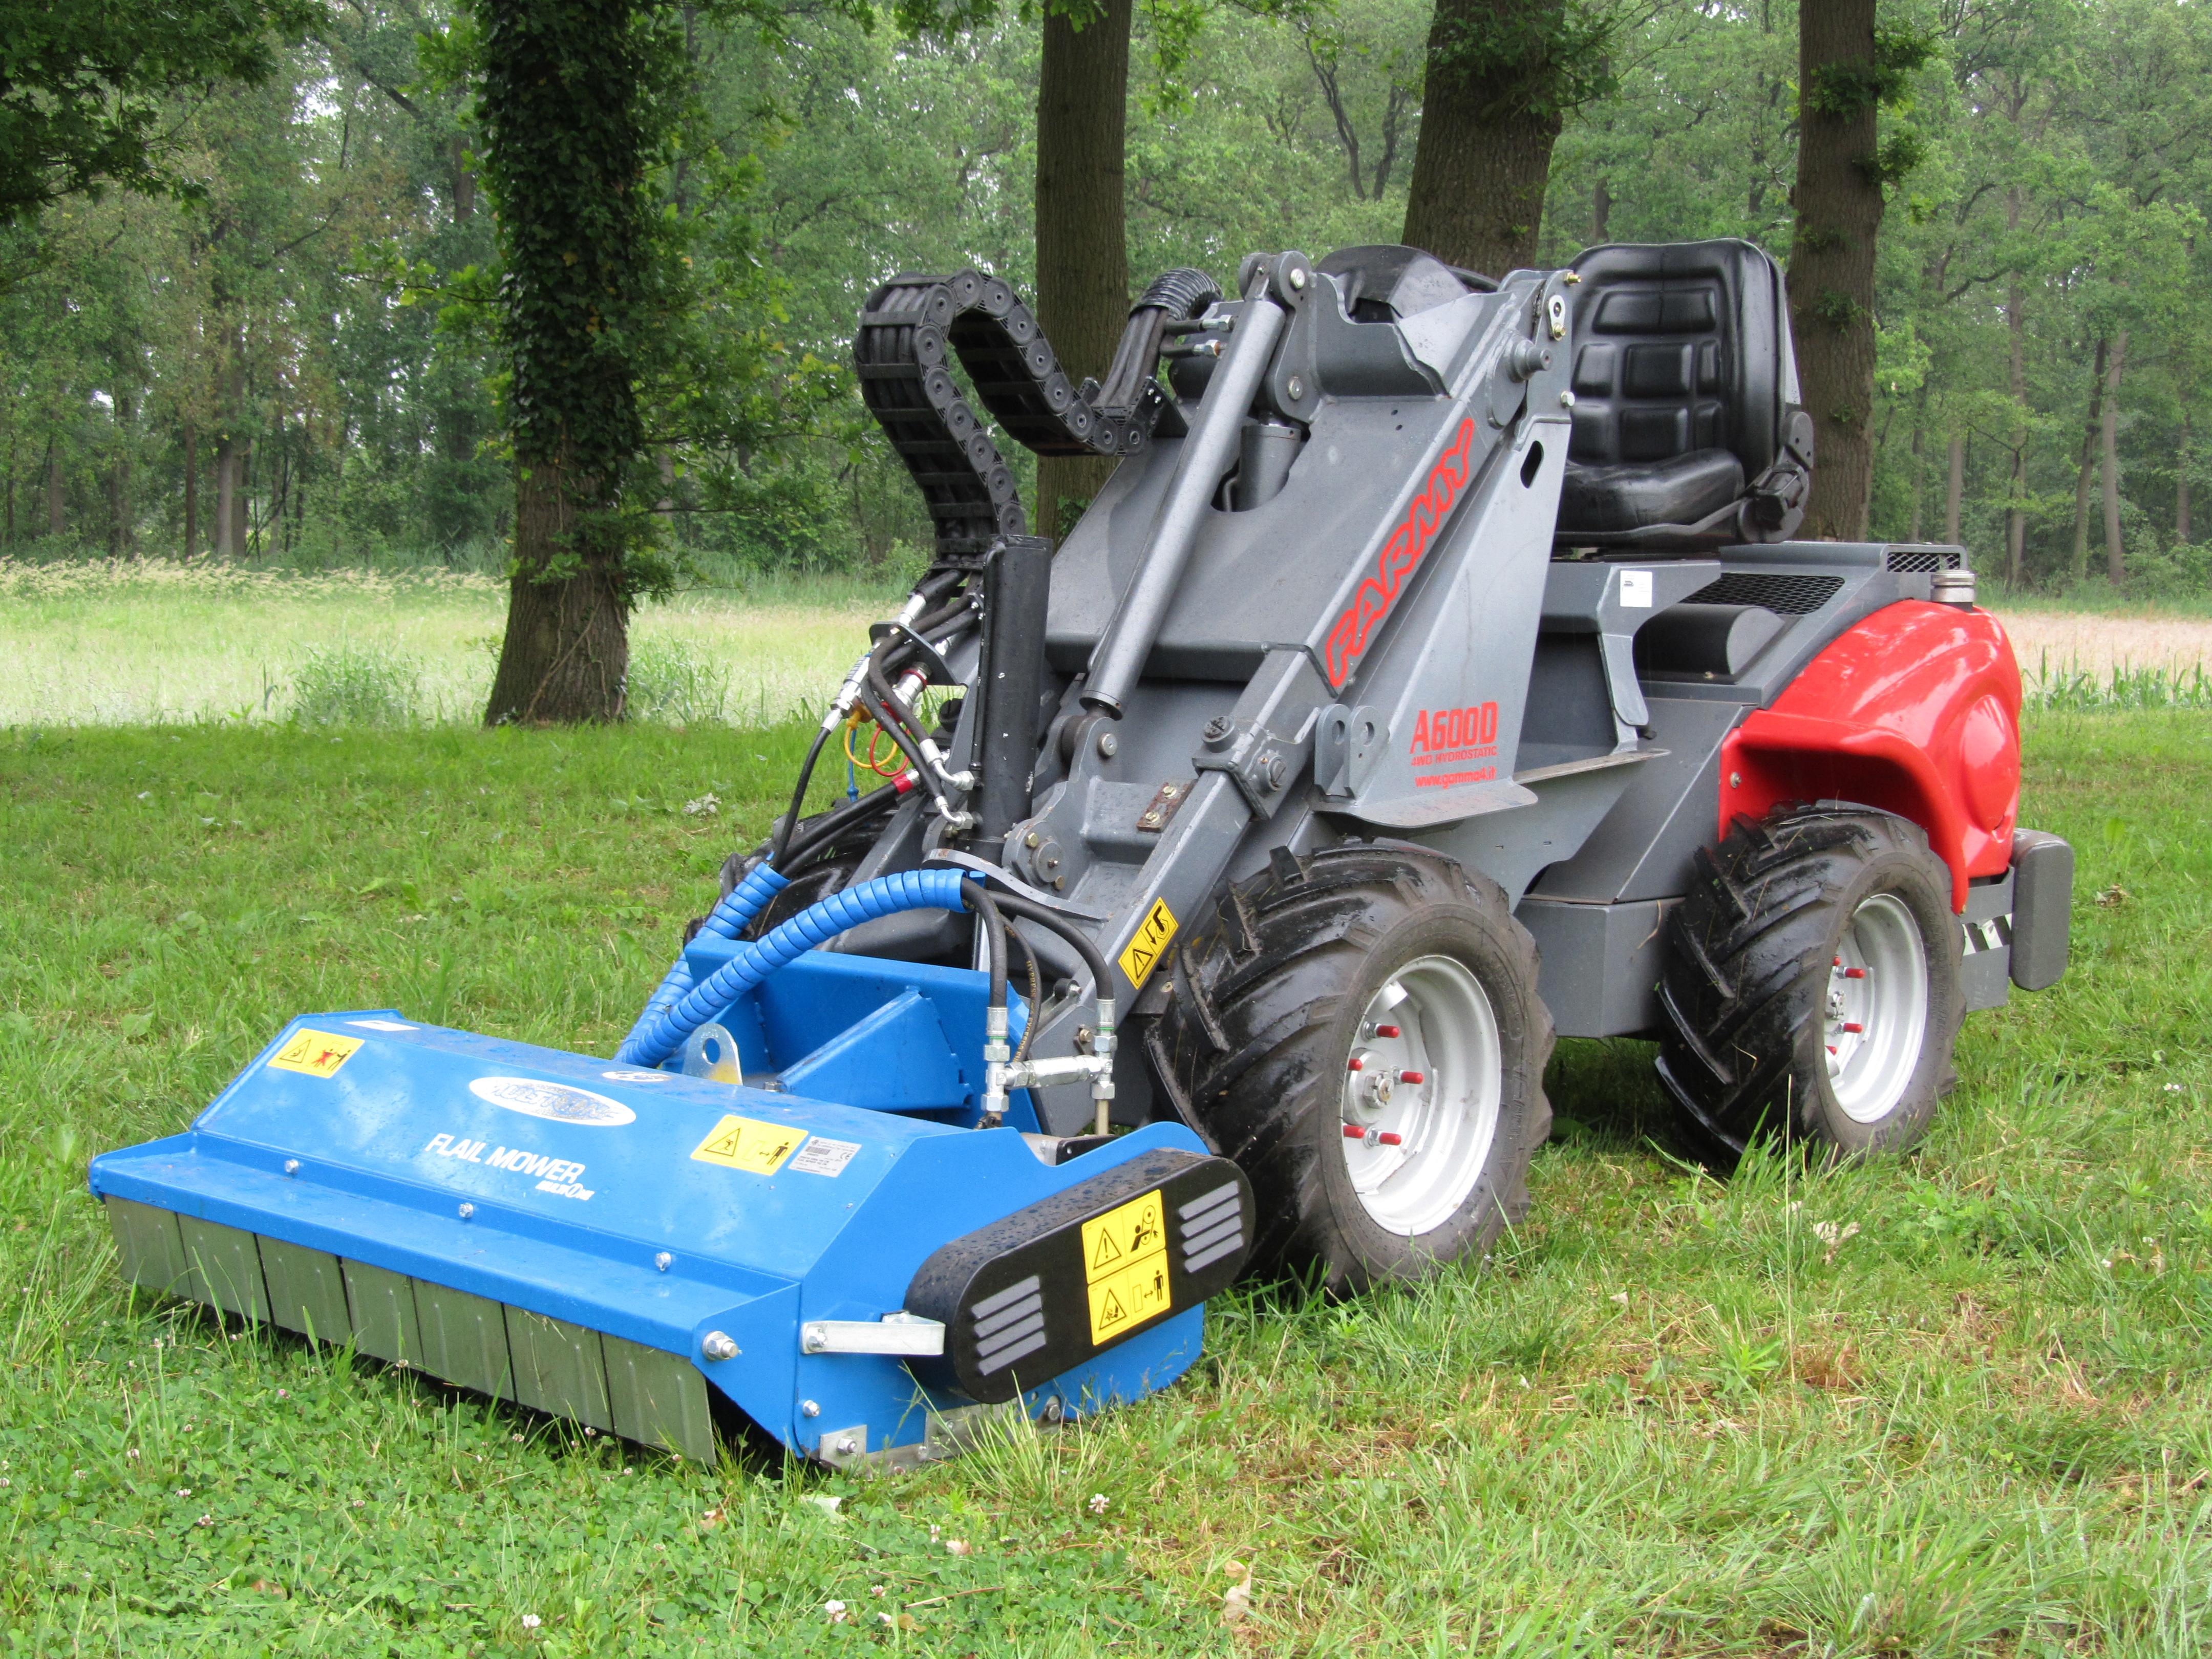 Mini shovel met klepel maaier veel gebruikt voor het maaien van bospaden of langer gras, door het mulsche systeem vind u zo bijna niks terug van het gemaaide gras